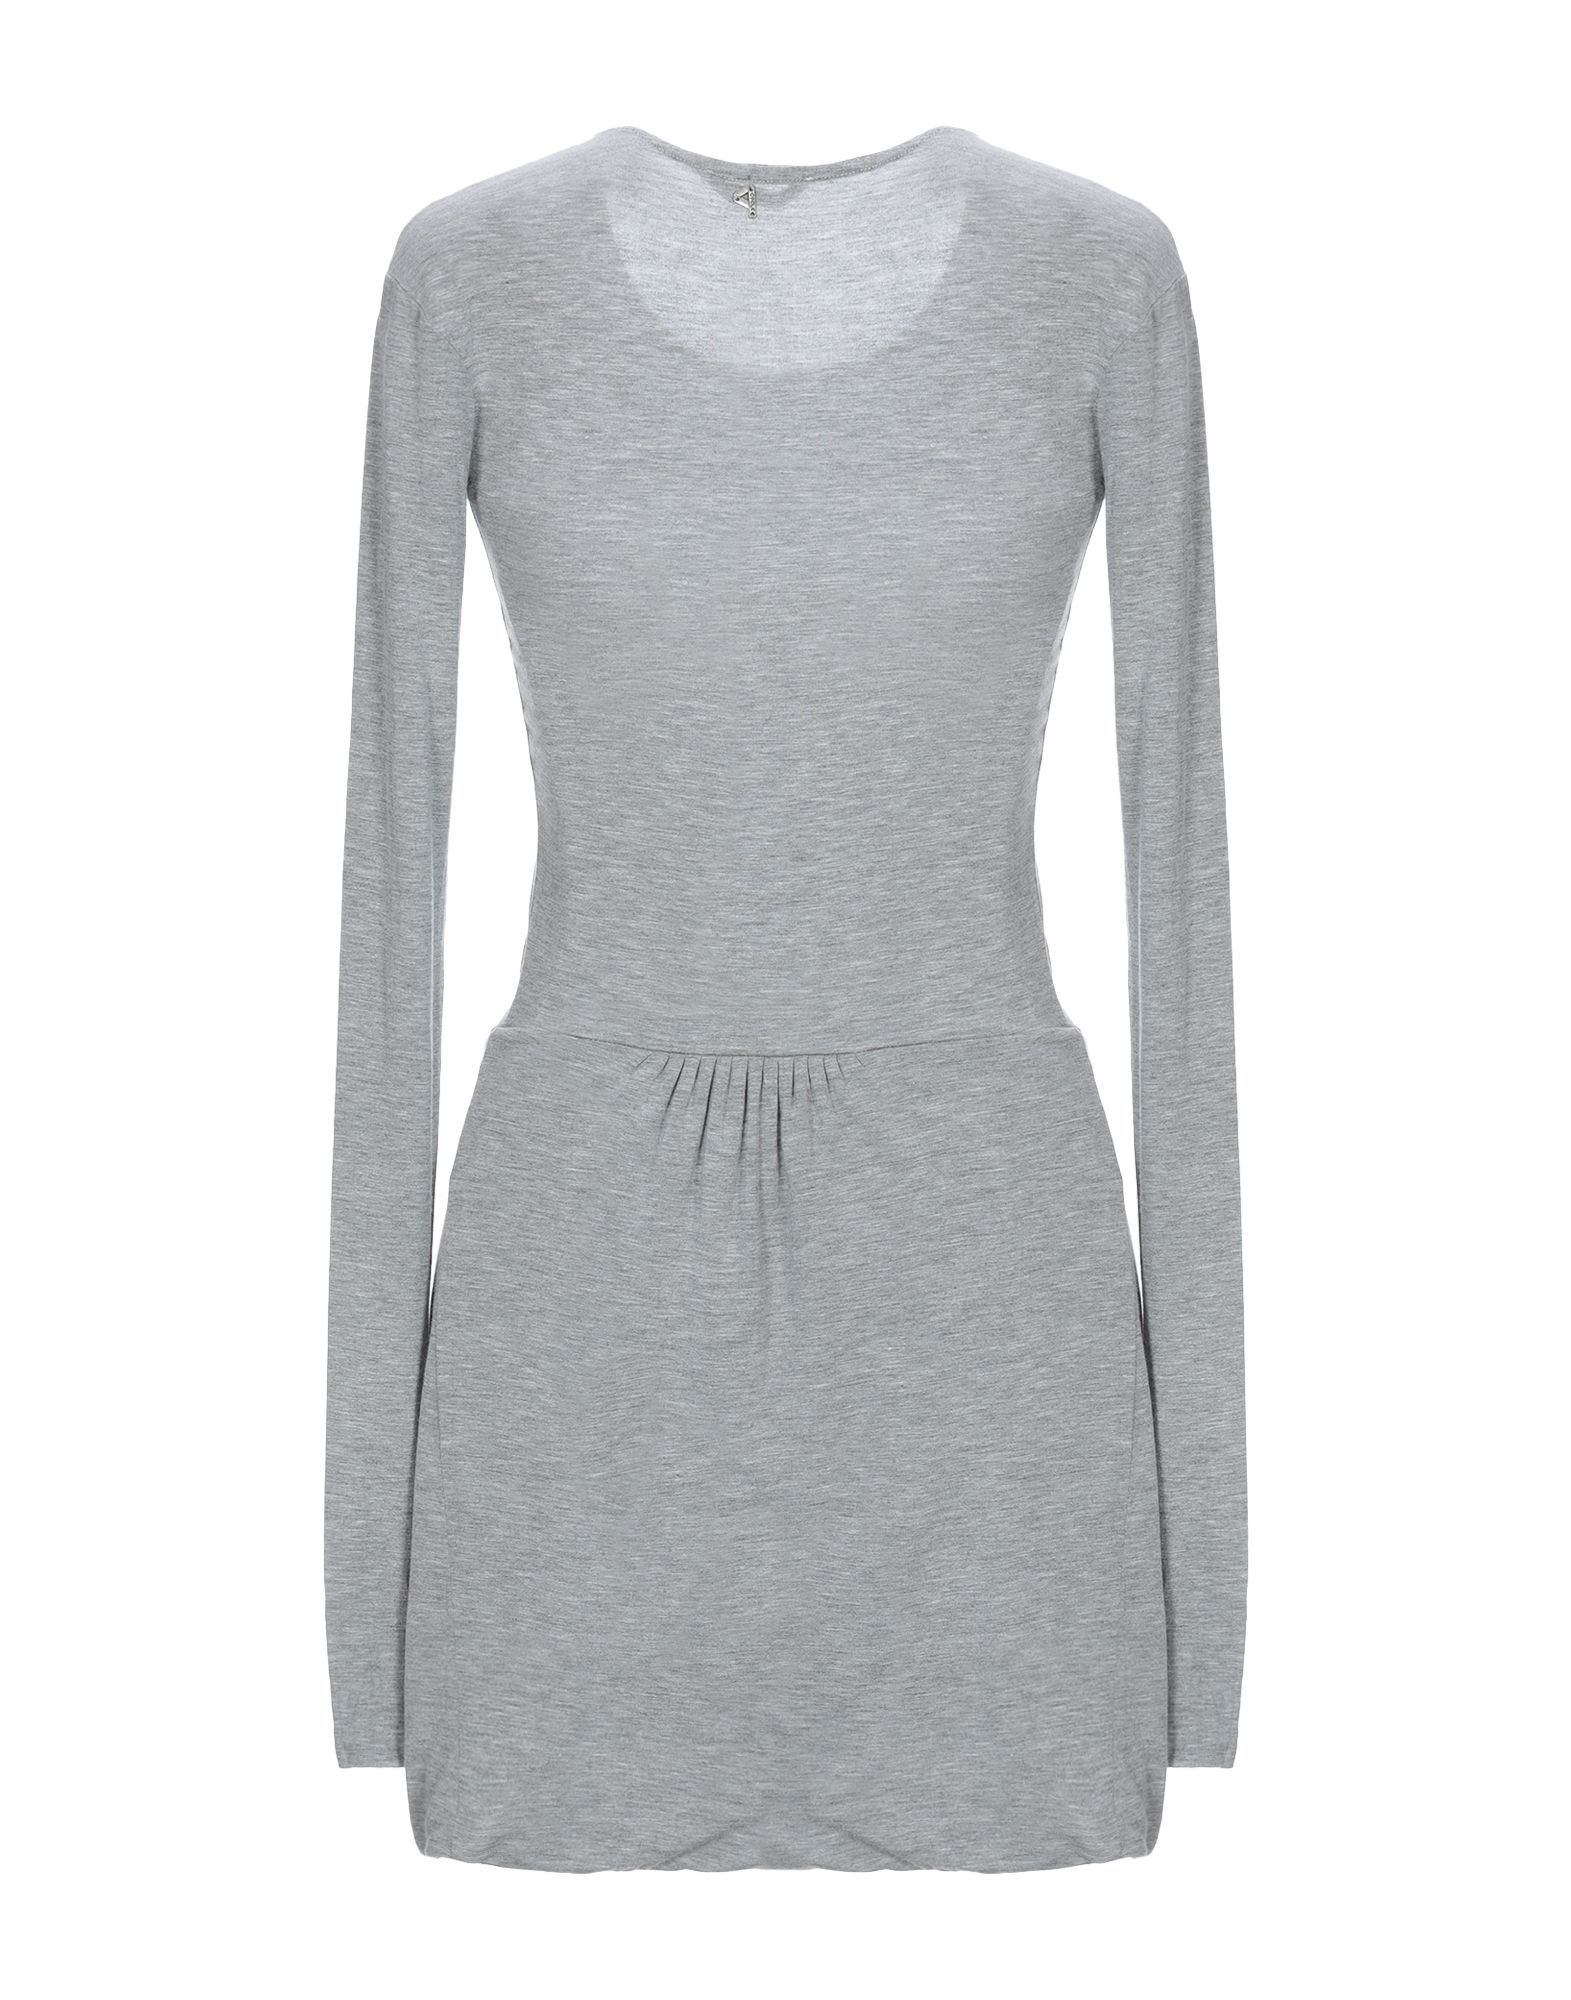 Dress Women's Cycle Grey Modal